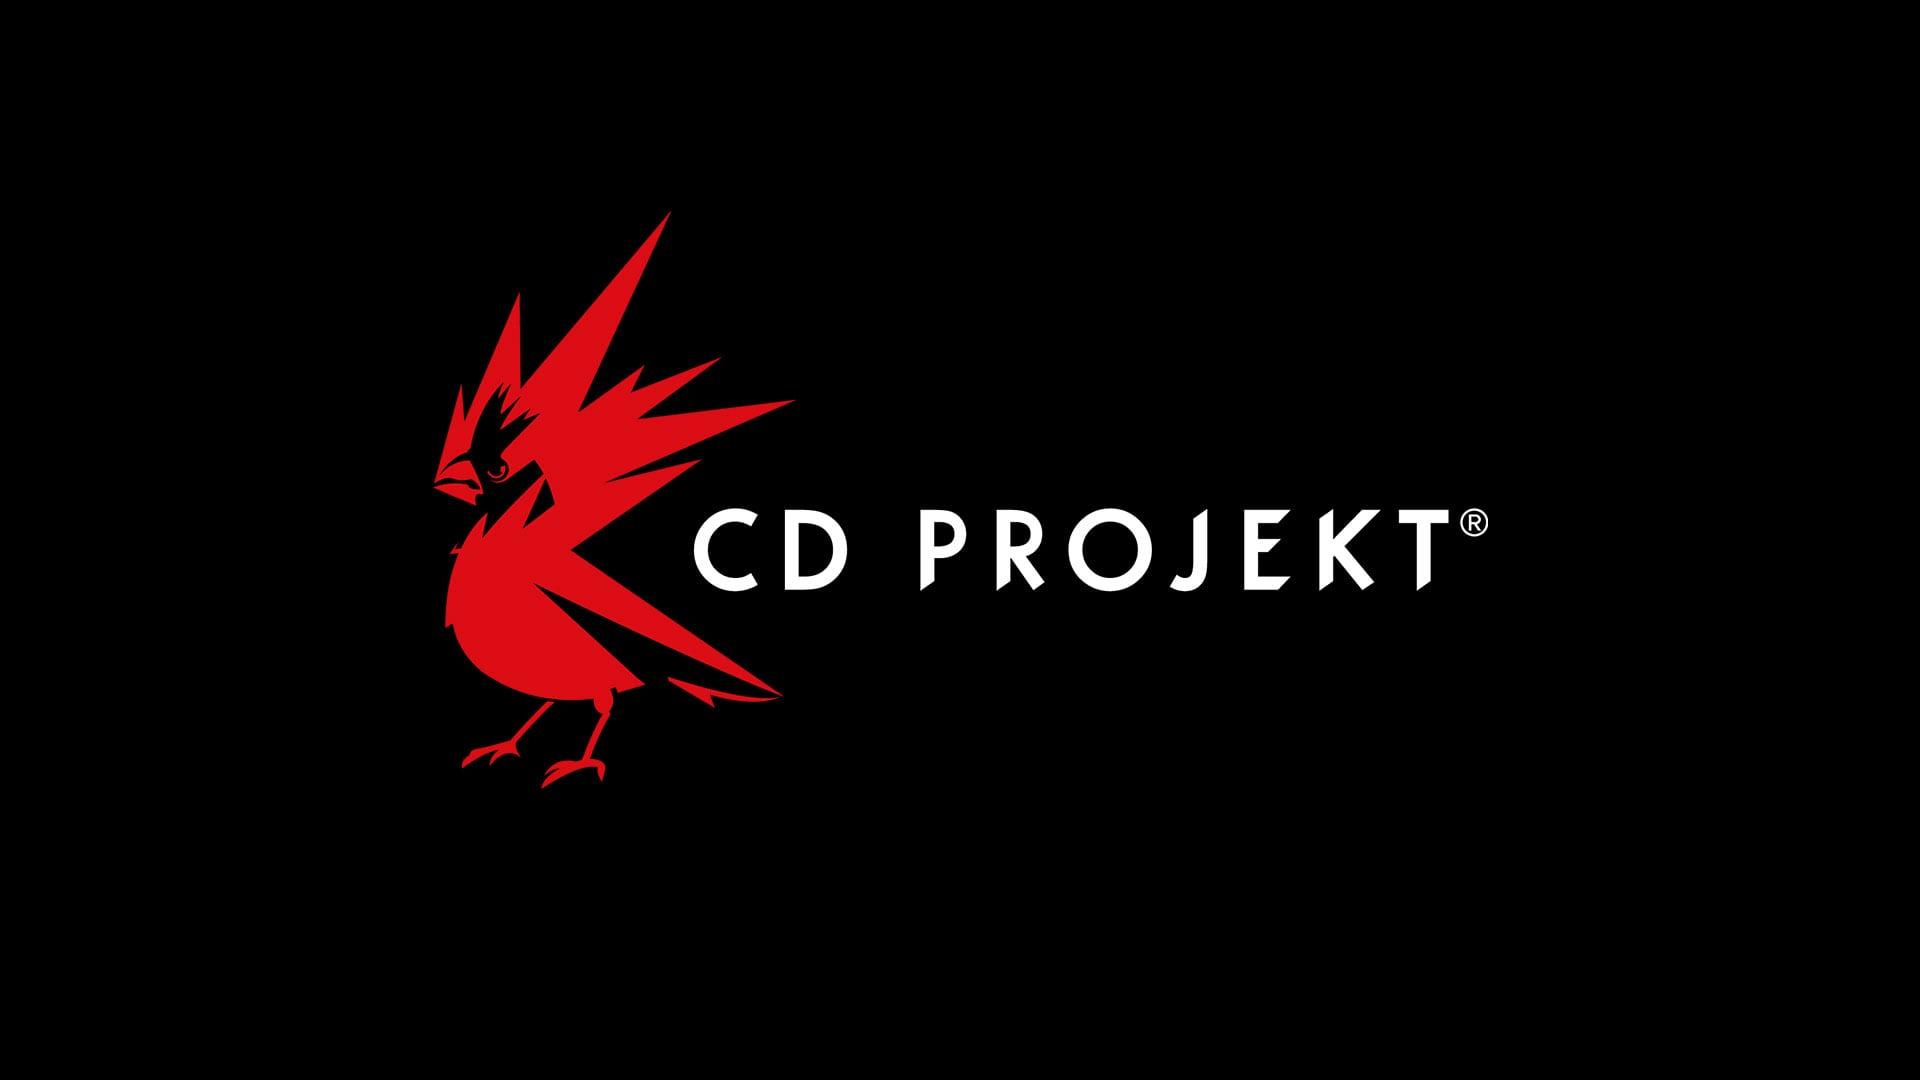 CD Projekt: gli hacker hanno messo all'asta il codice sorgente di Cyberpunk 2077